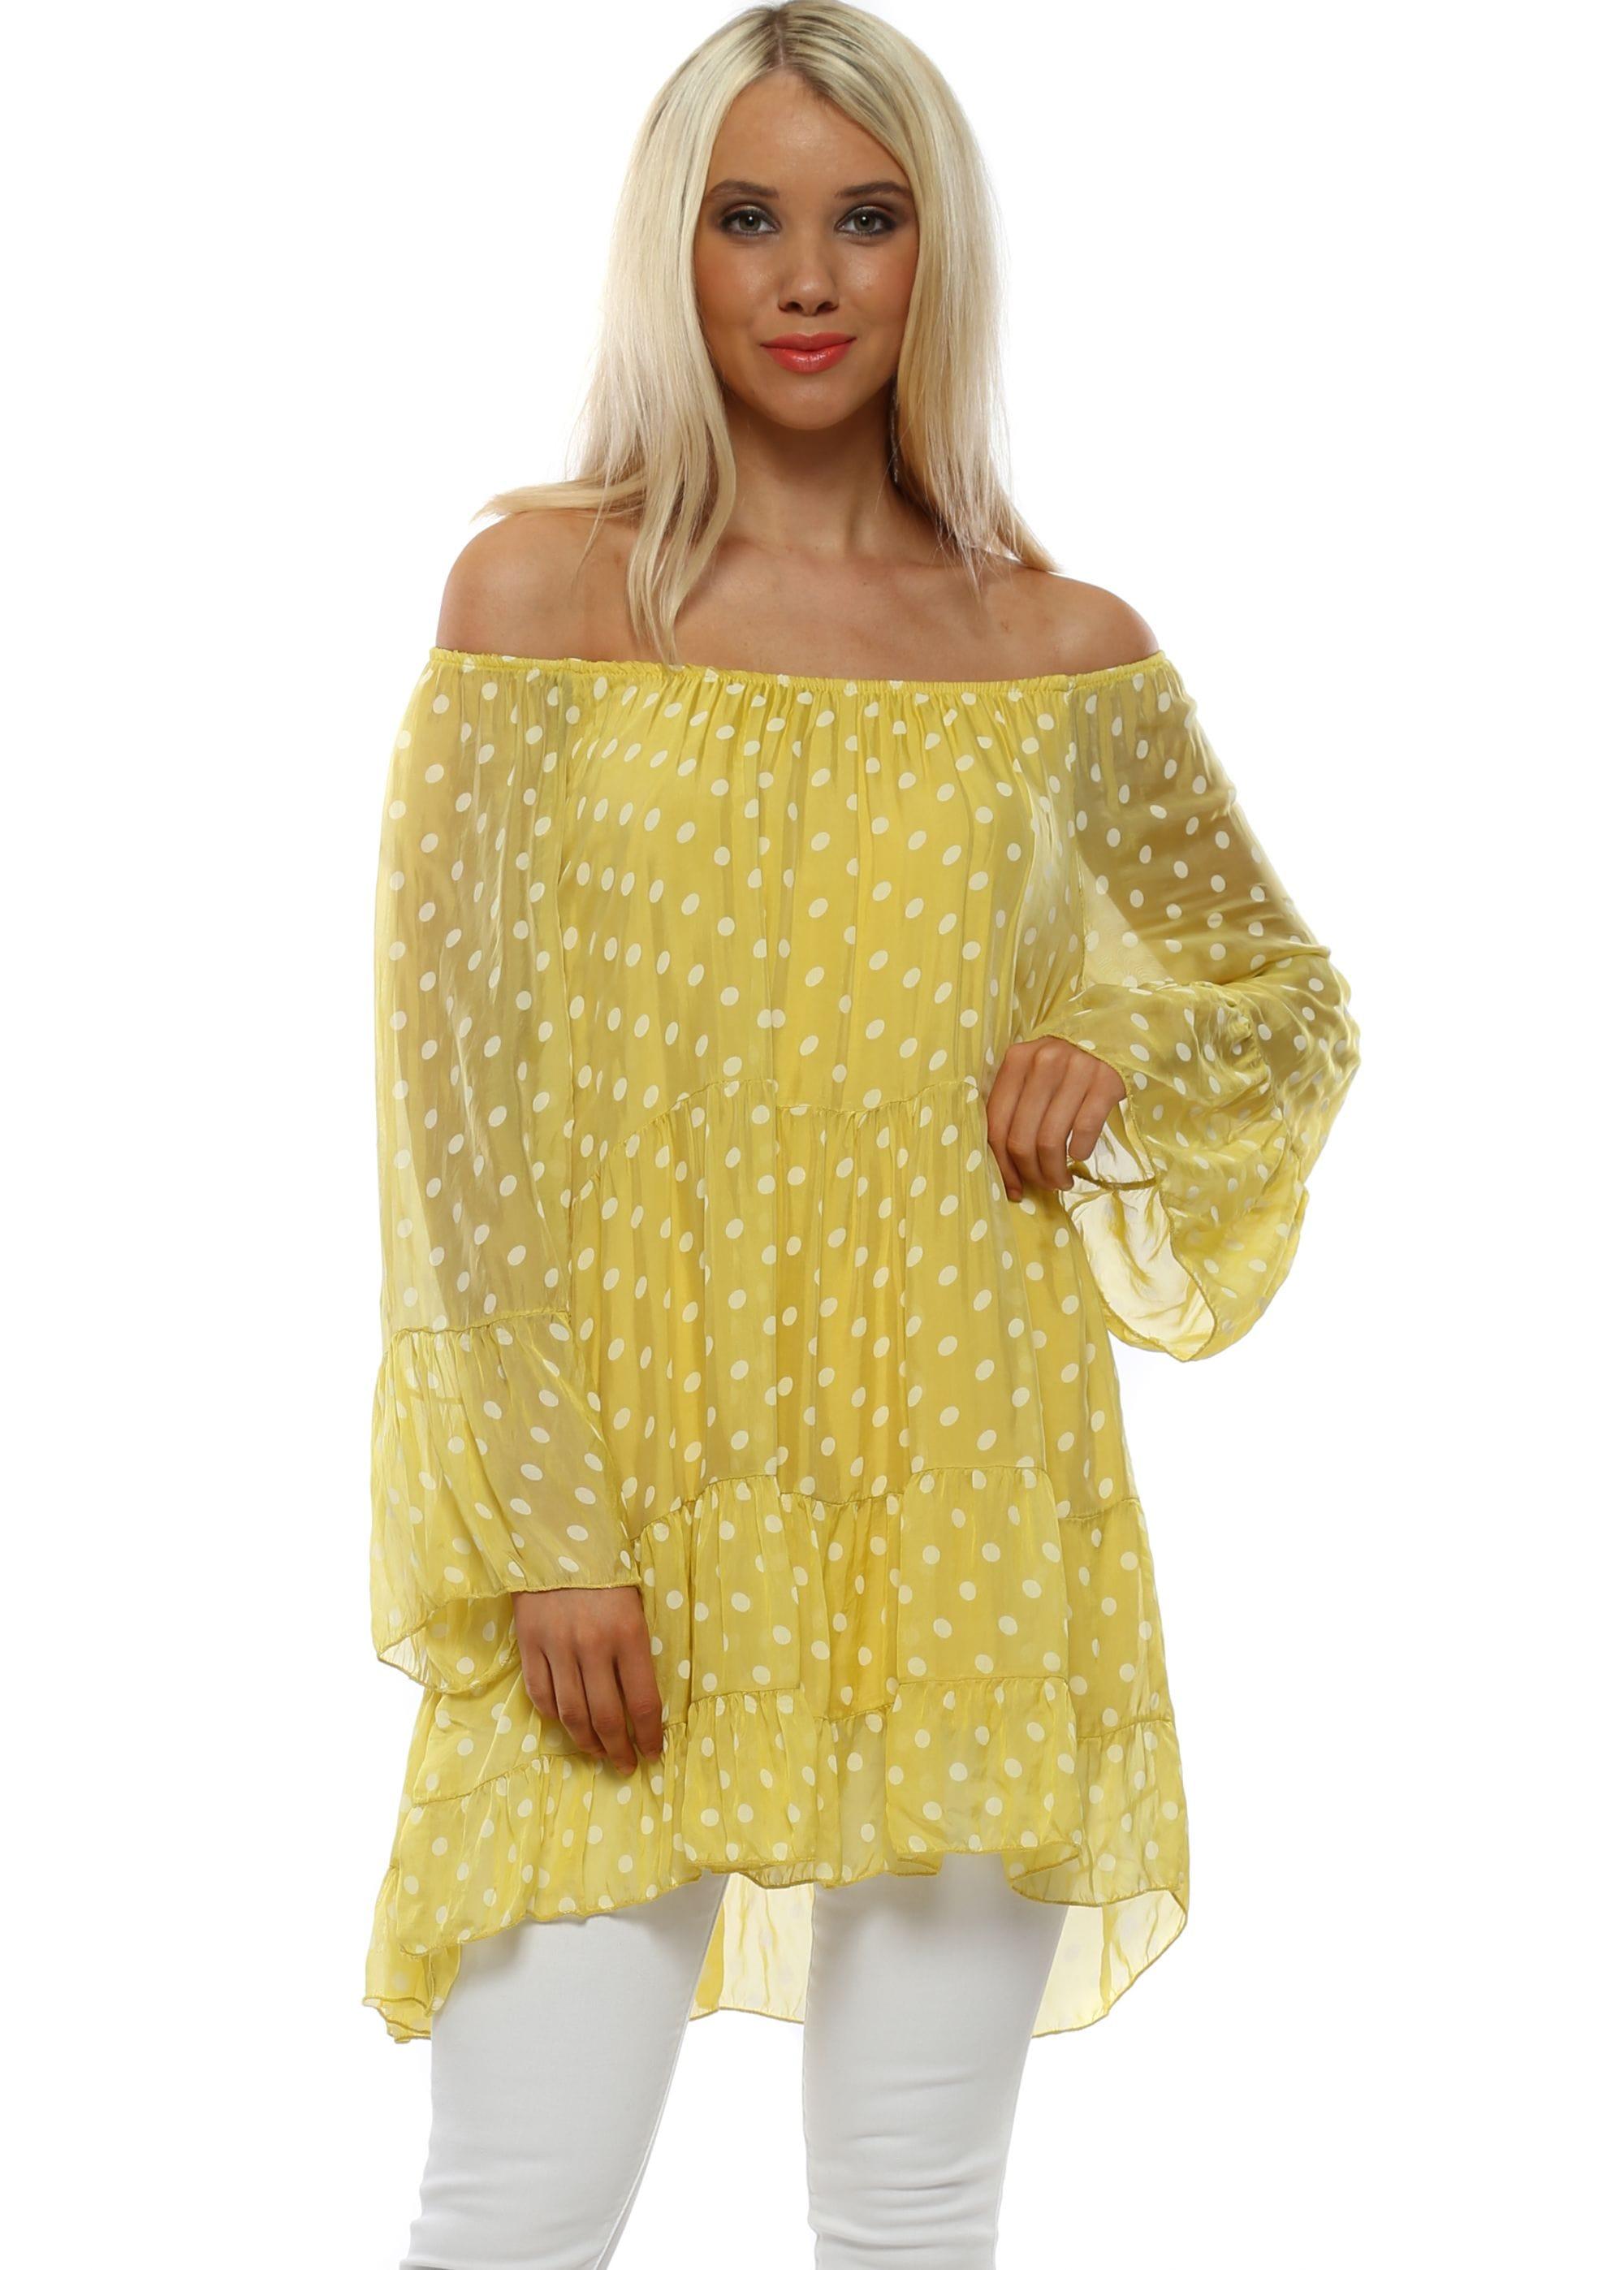 64e4353e7e1 Made In Italy Top   Yellow Spotty Top   Designer Desirables